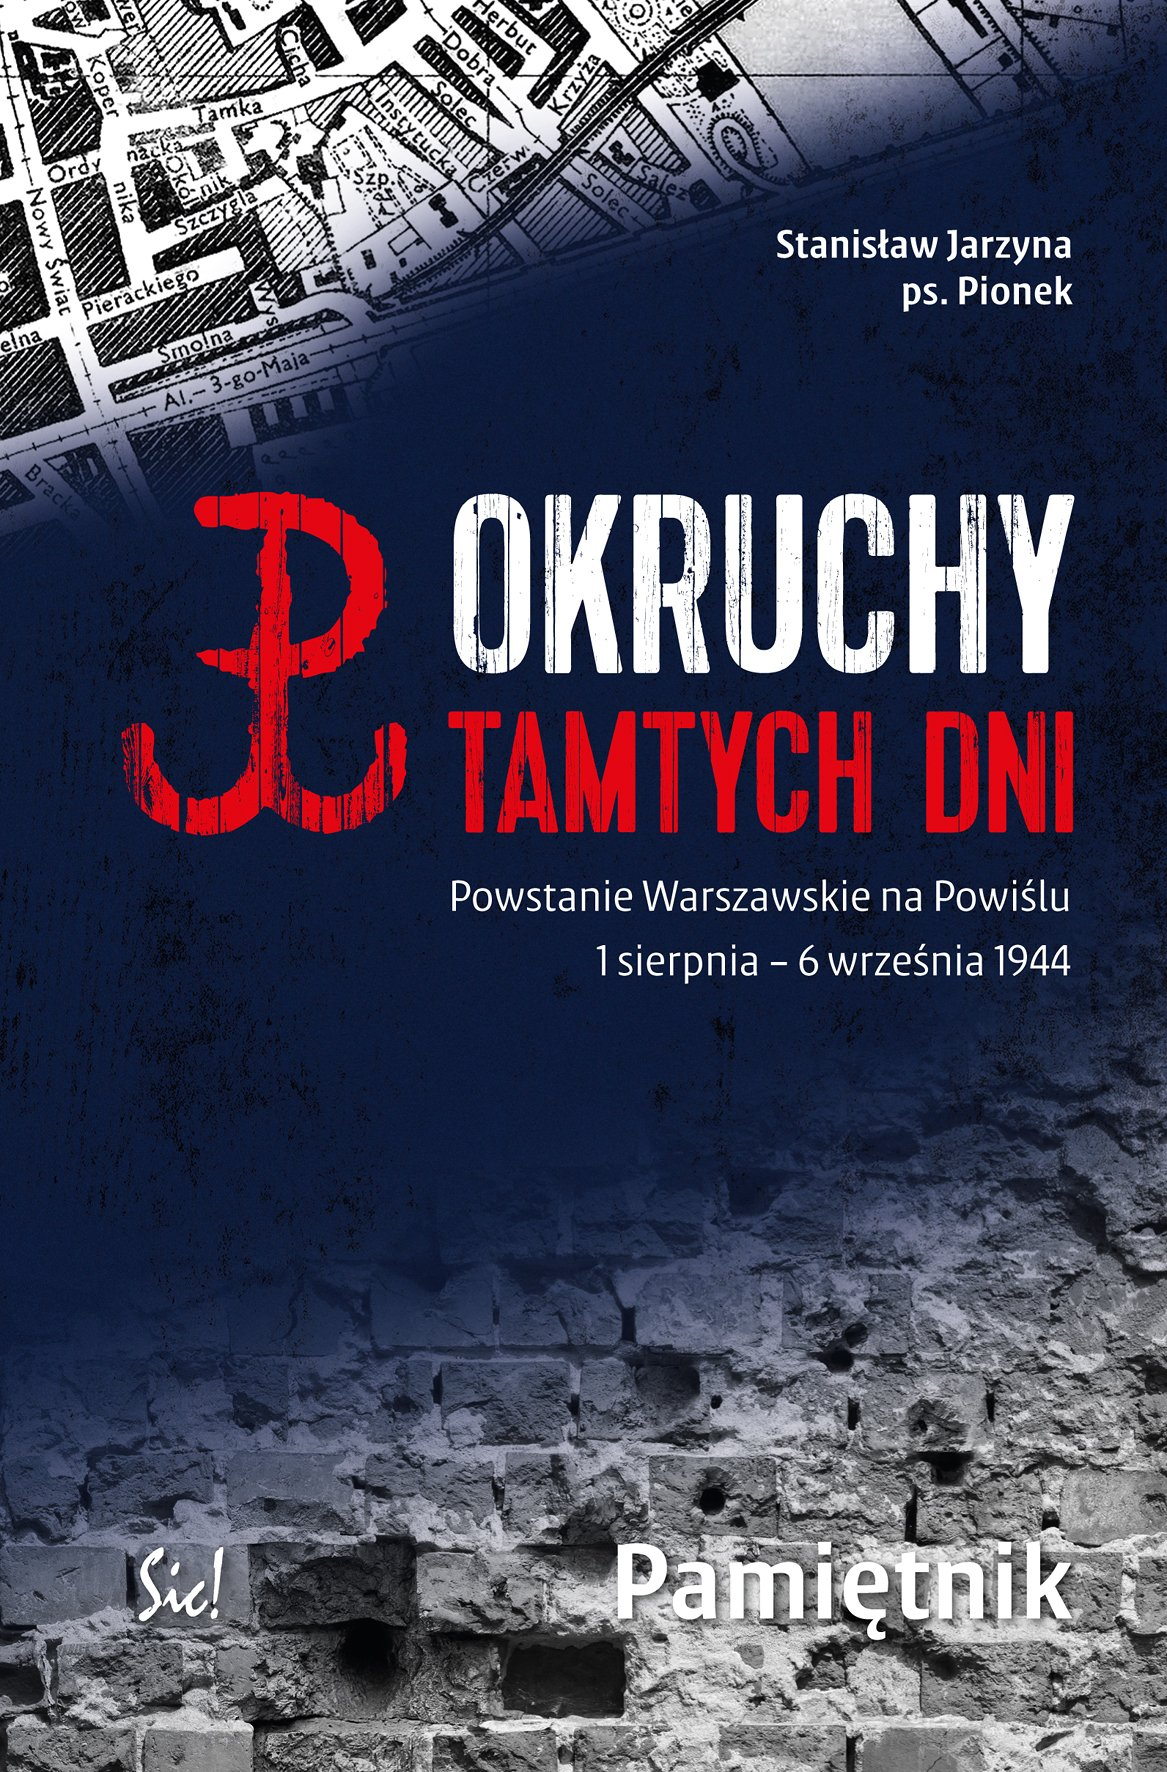 Okruchy tamtych dni. Powstanie Warszawskie na Powiślu 1 sierpnia – 6 września 1944 Pamiętnik - Ebook (Książka na Kindle) do pobrania w formacie MOBI